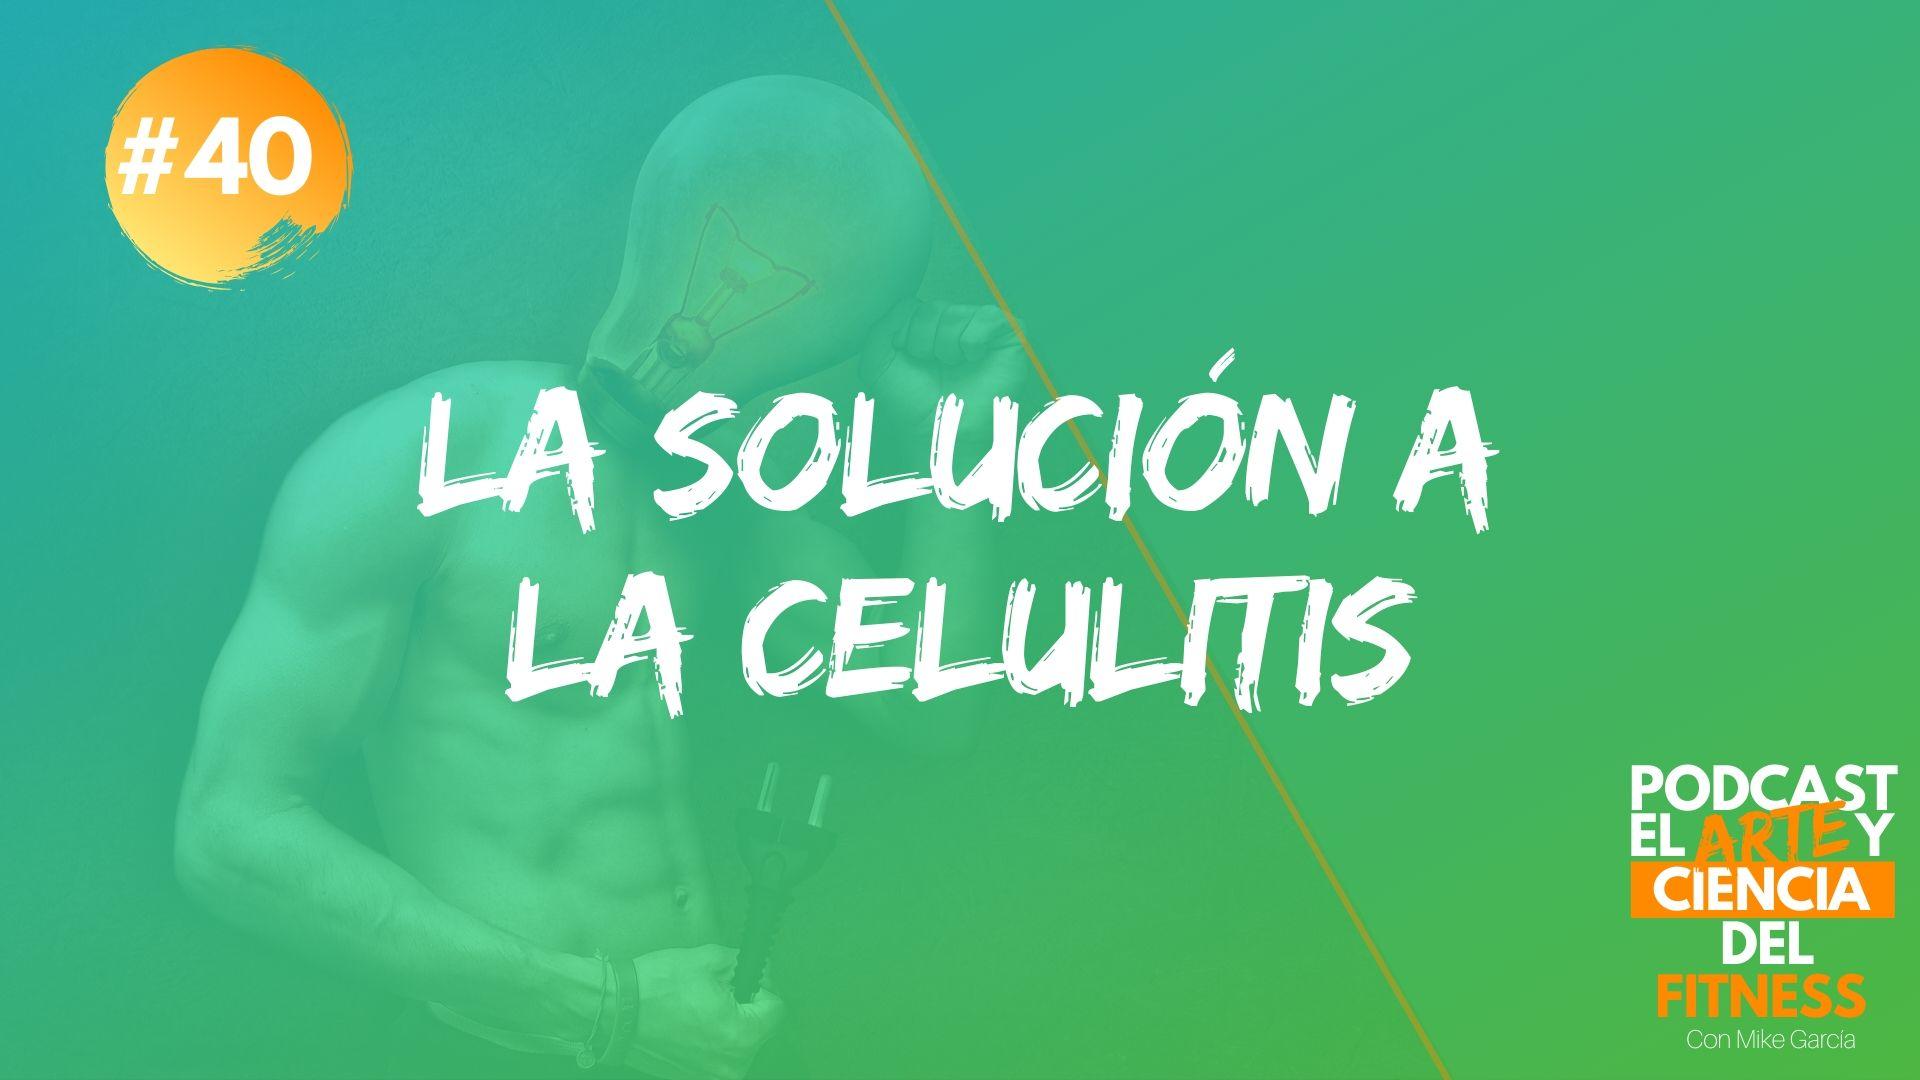 Podcast #40: La Solución a La Celulitis